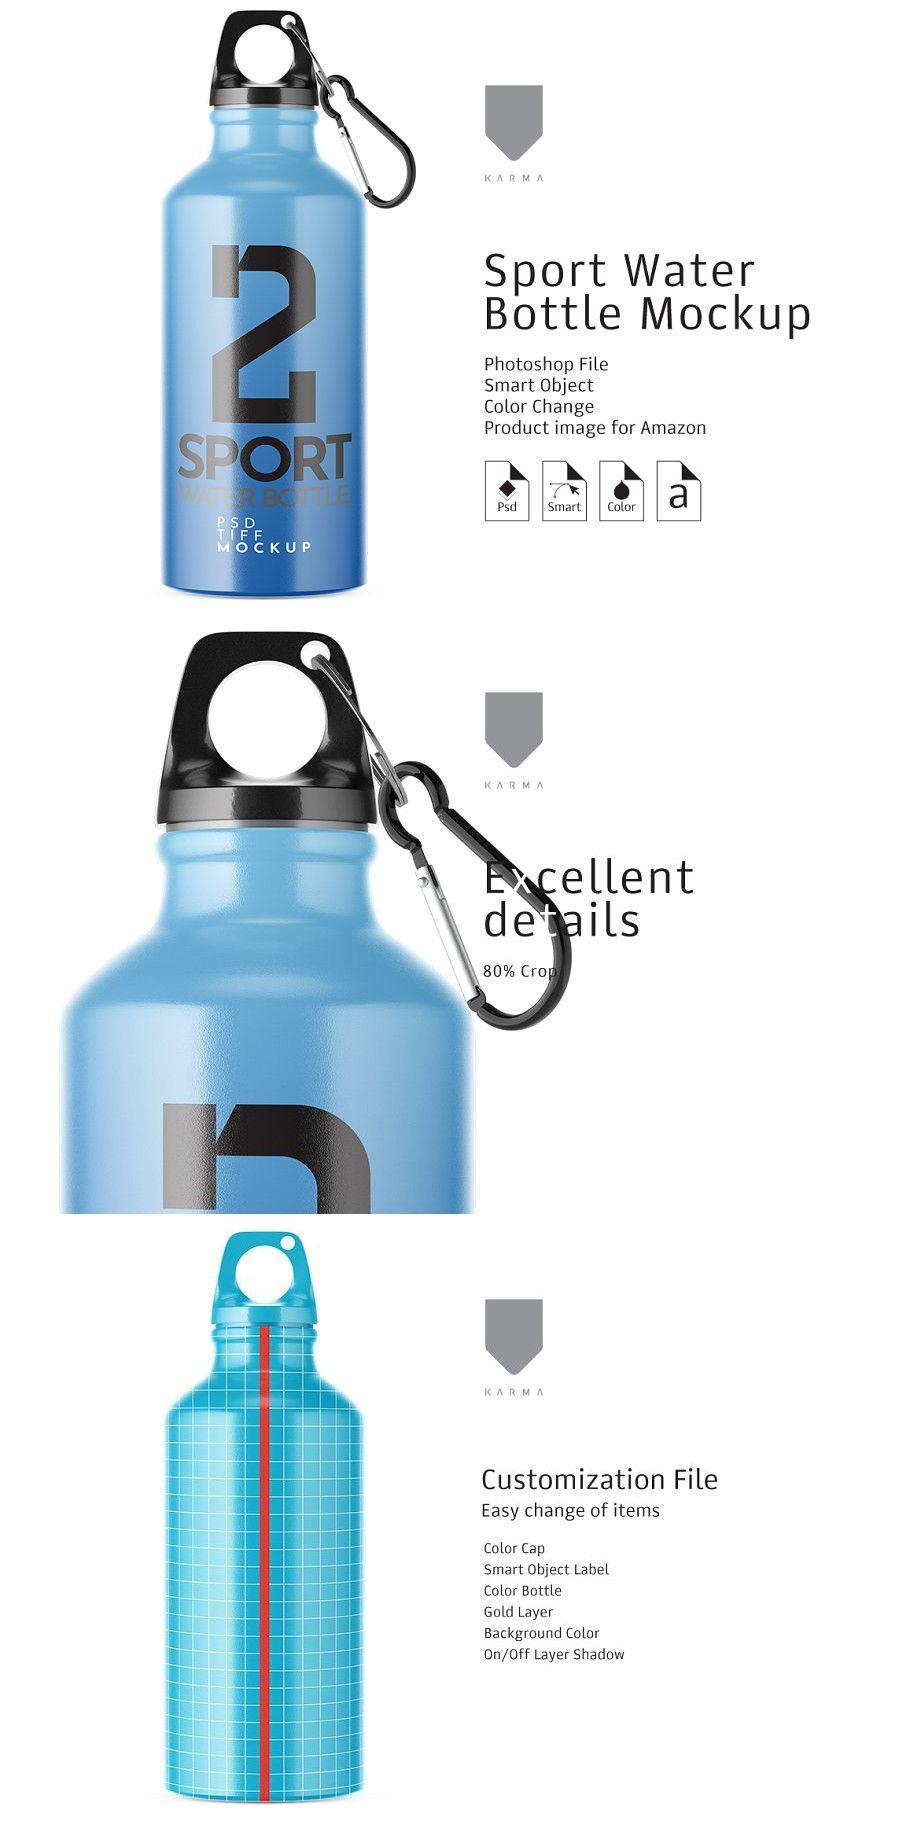 Download Sport Water Bottle Mockup In 2020 Water Bottle Bottle Mockup Sport Water Bottle